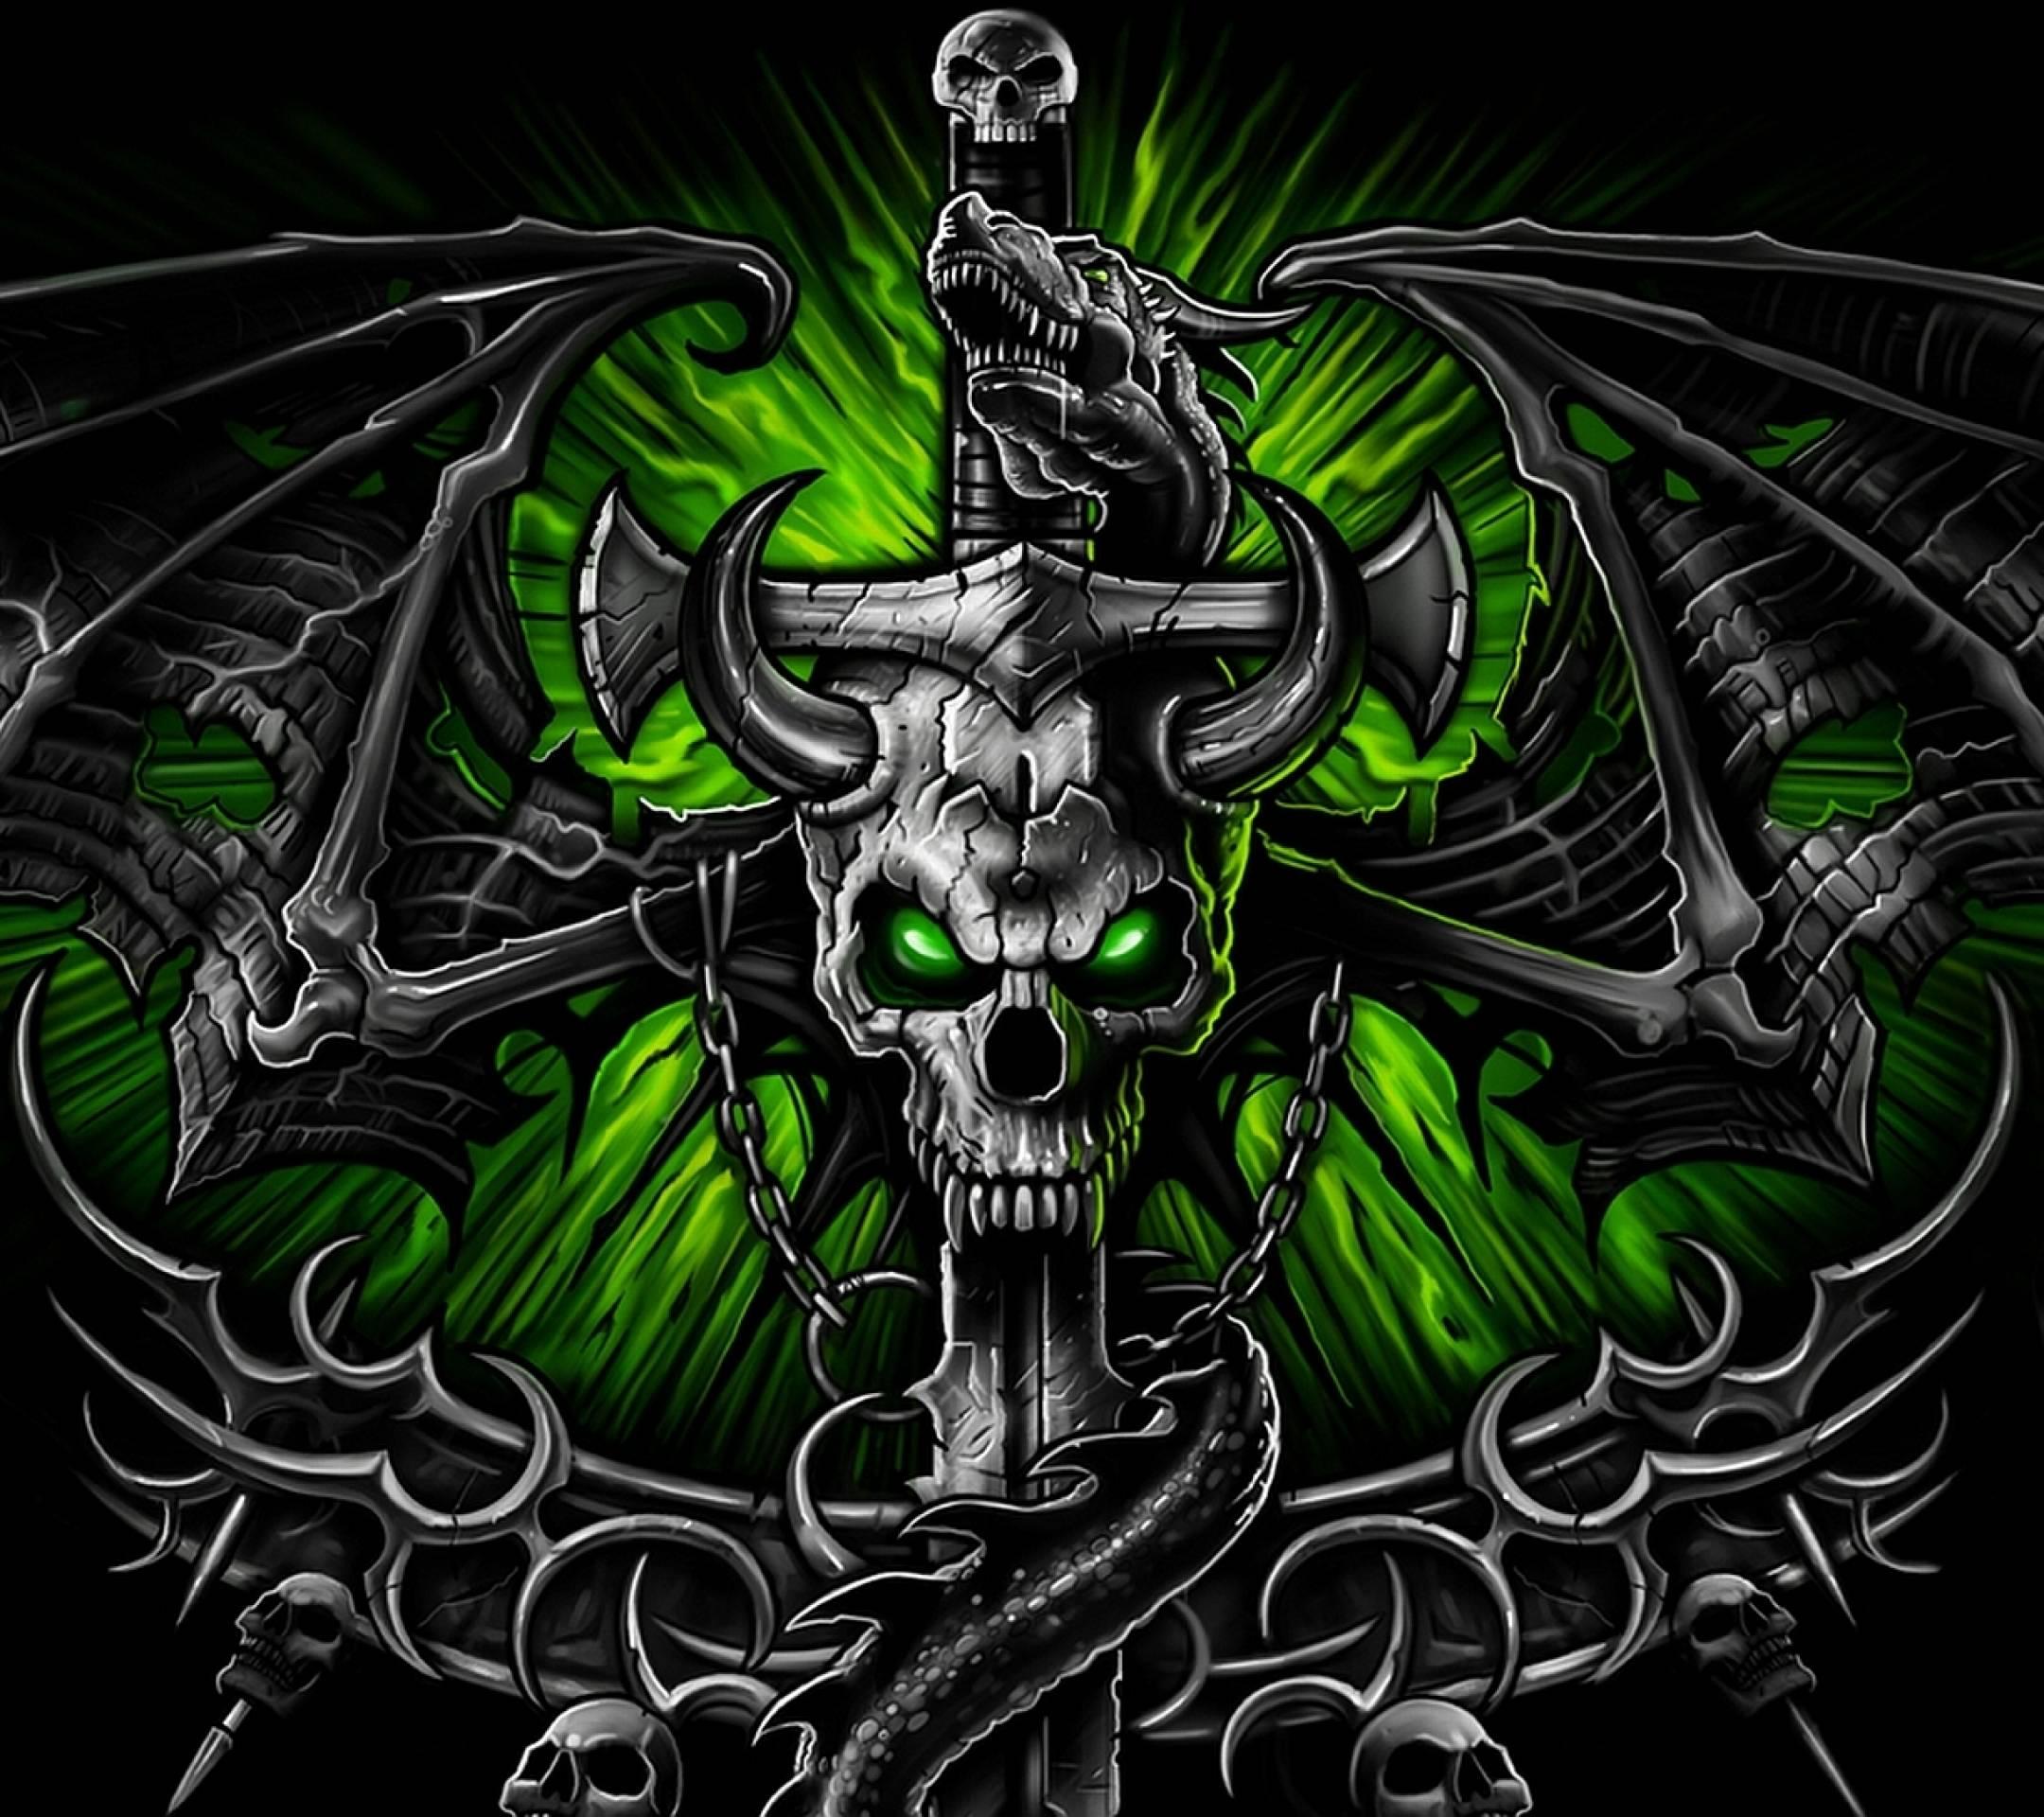 Green Skull Wallpapers 2160x1920